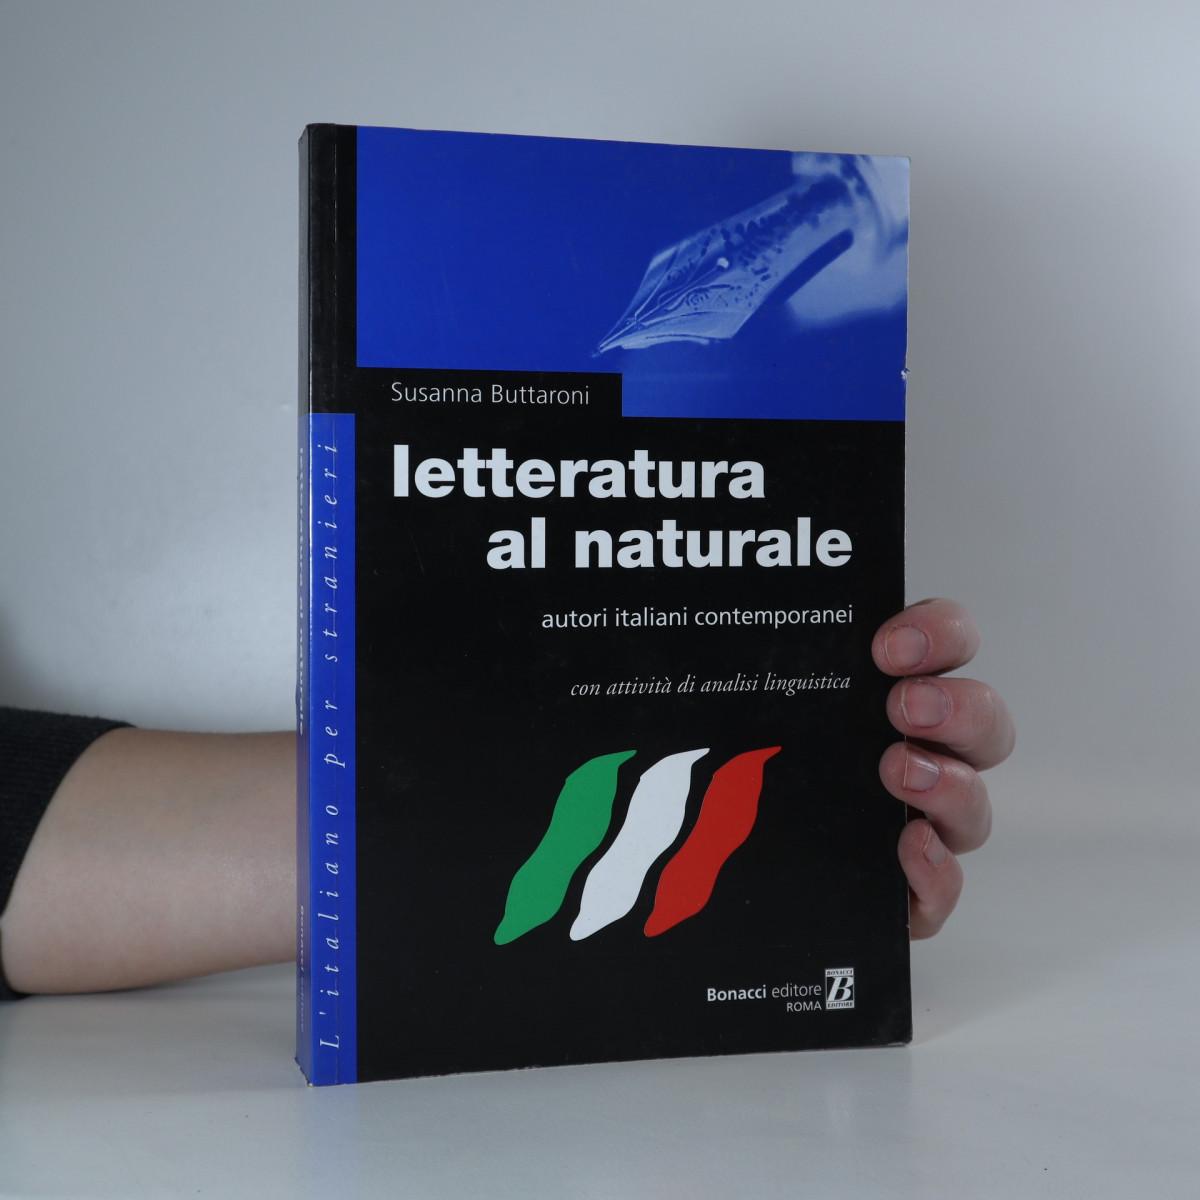 antikvární kniha Letteratura al naturale. Autori italiani contemporanei con attività di analisi linguistica, neuveden